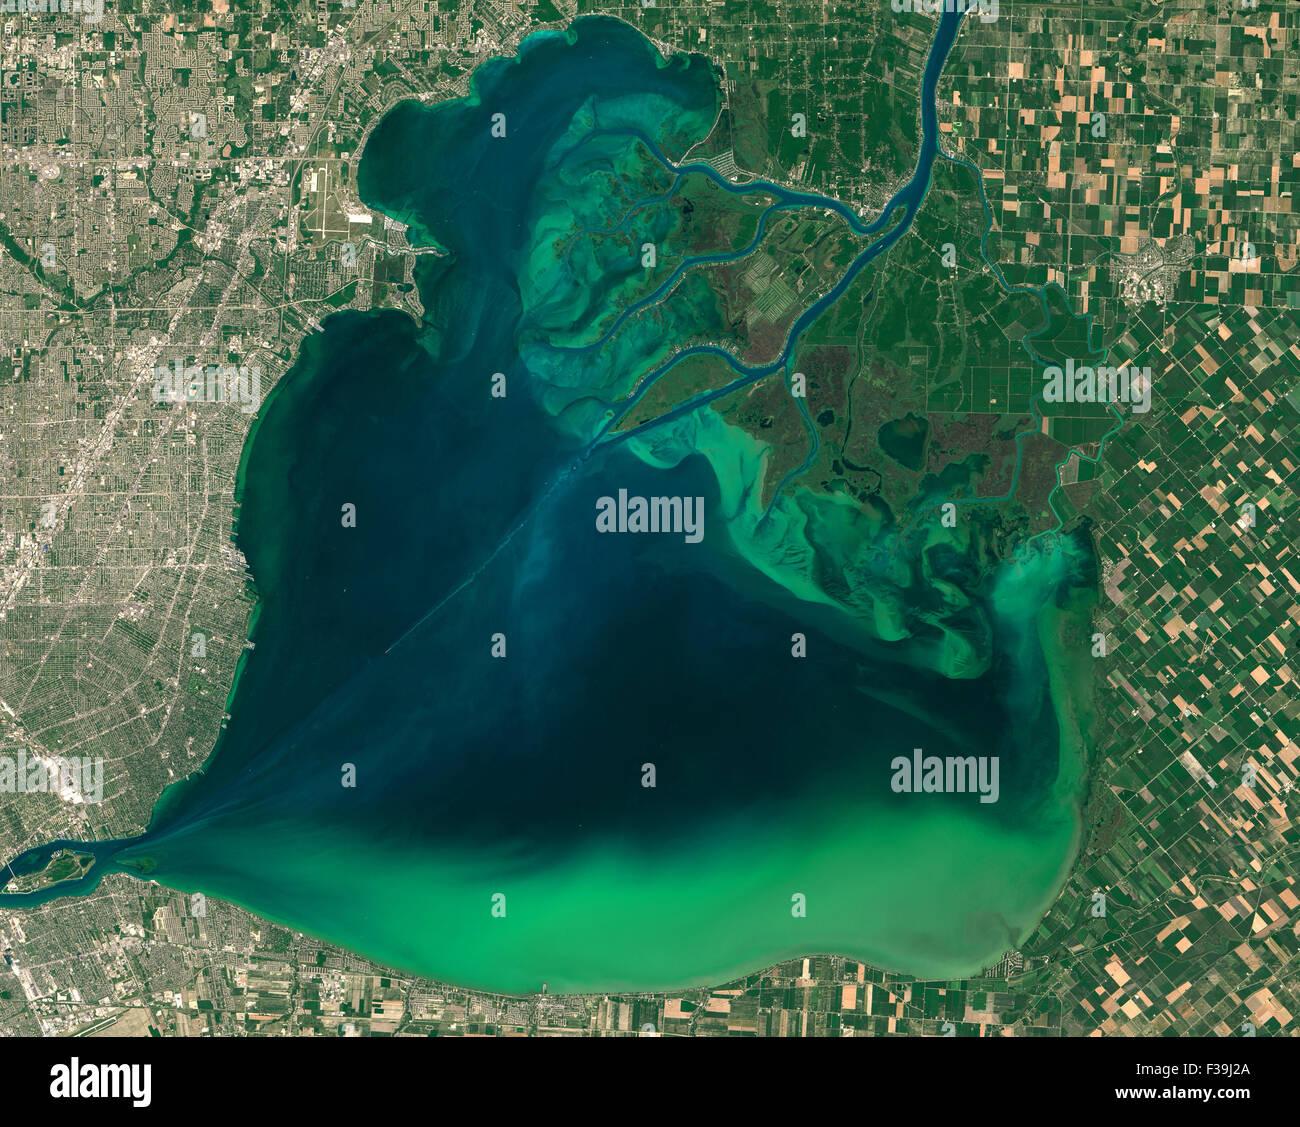 Fioriture algali intorno ai grandi laghi, visibile come volute di verde in questa immagine del lago di St. Clair Immagini Stock